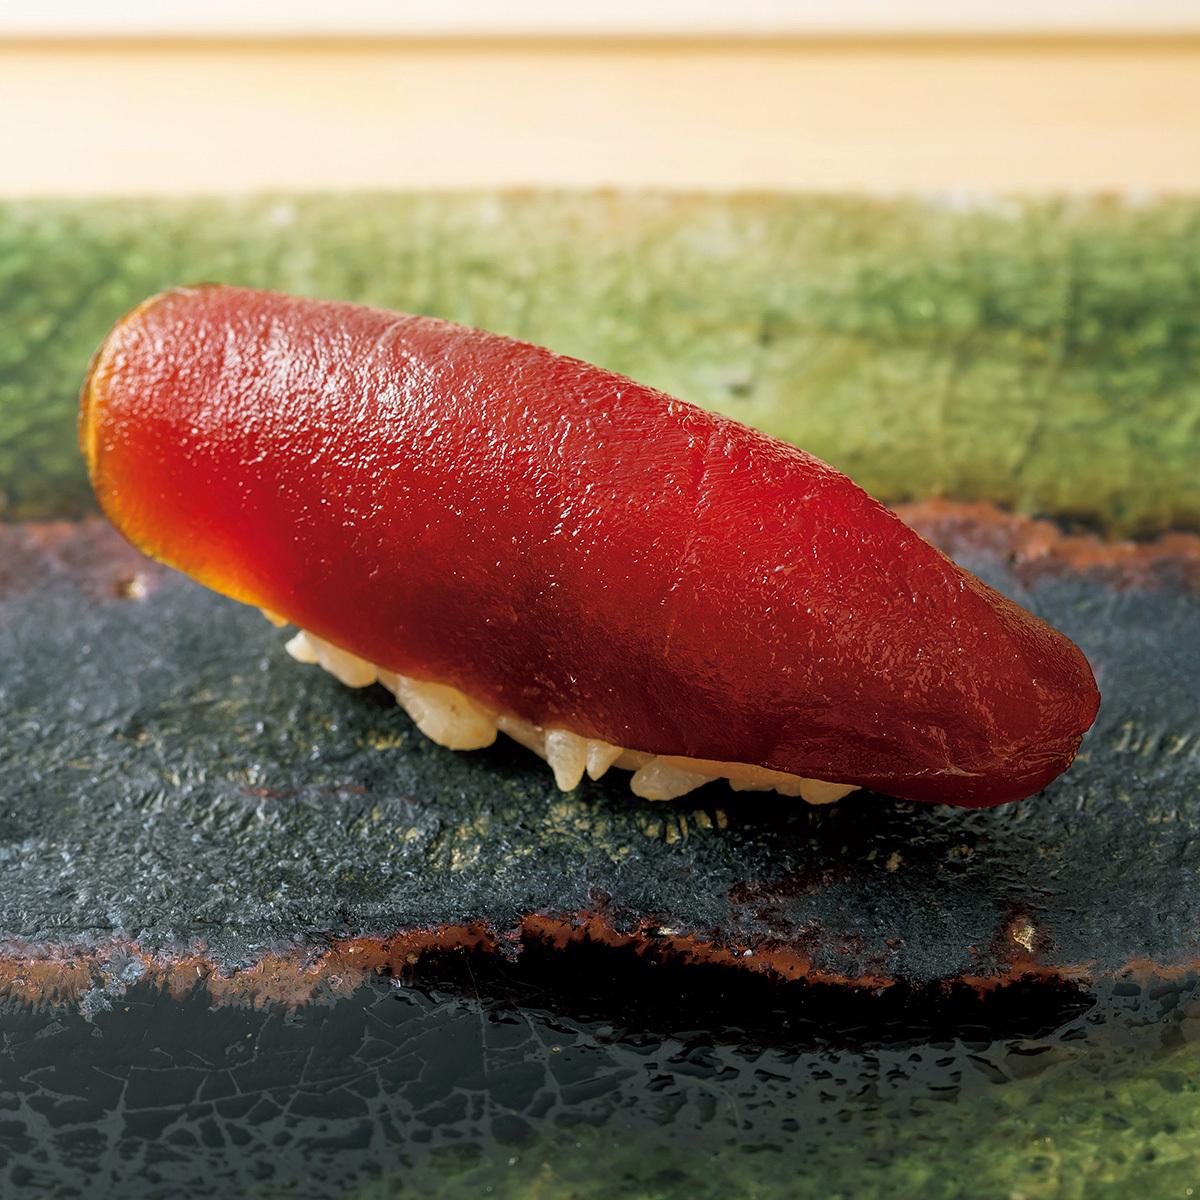 京都の三条京阪にある寿司店「鮨 楽味」のマグロのヅケ